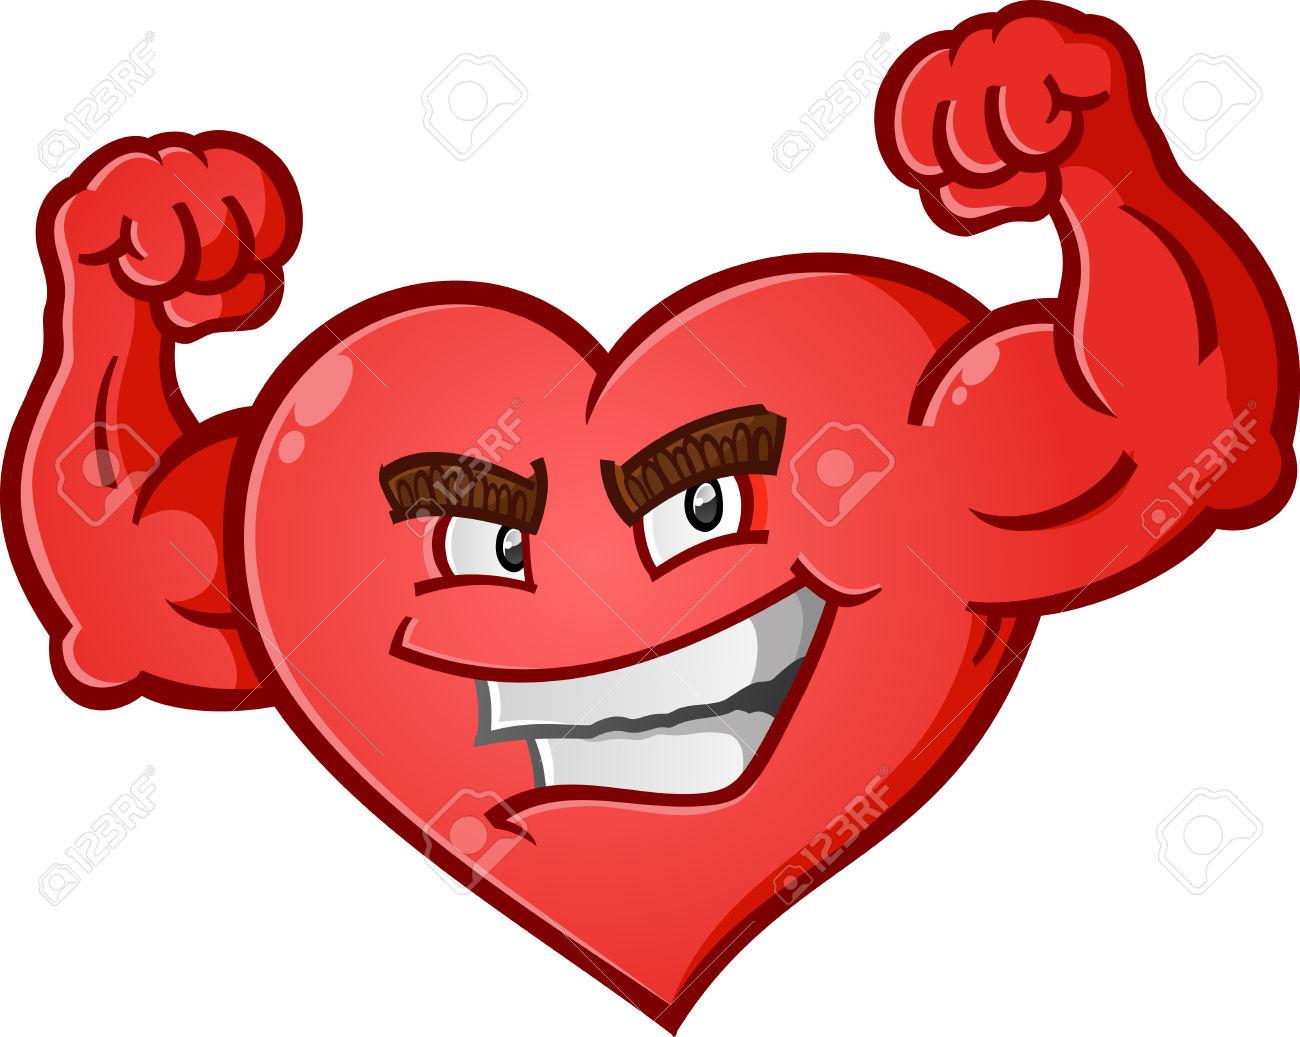 1300x1037 Organs Clipart Heart Muscle